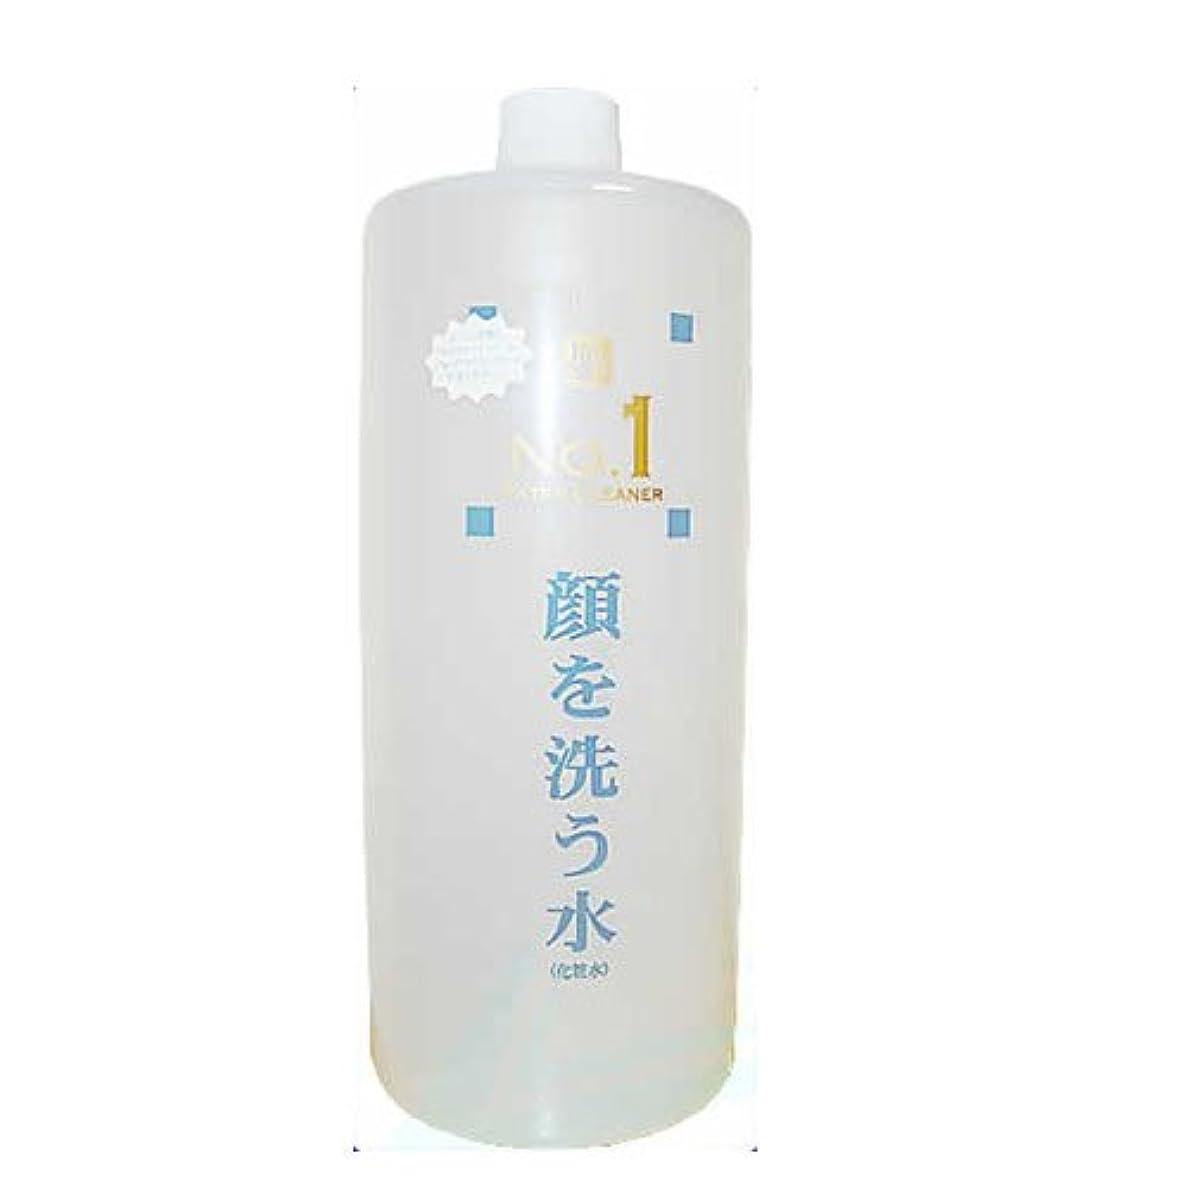 賃金チャンピオンシップこどもの宮殿顔を洗う水シリーズ No.1 250ml